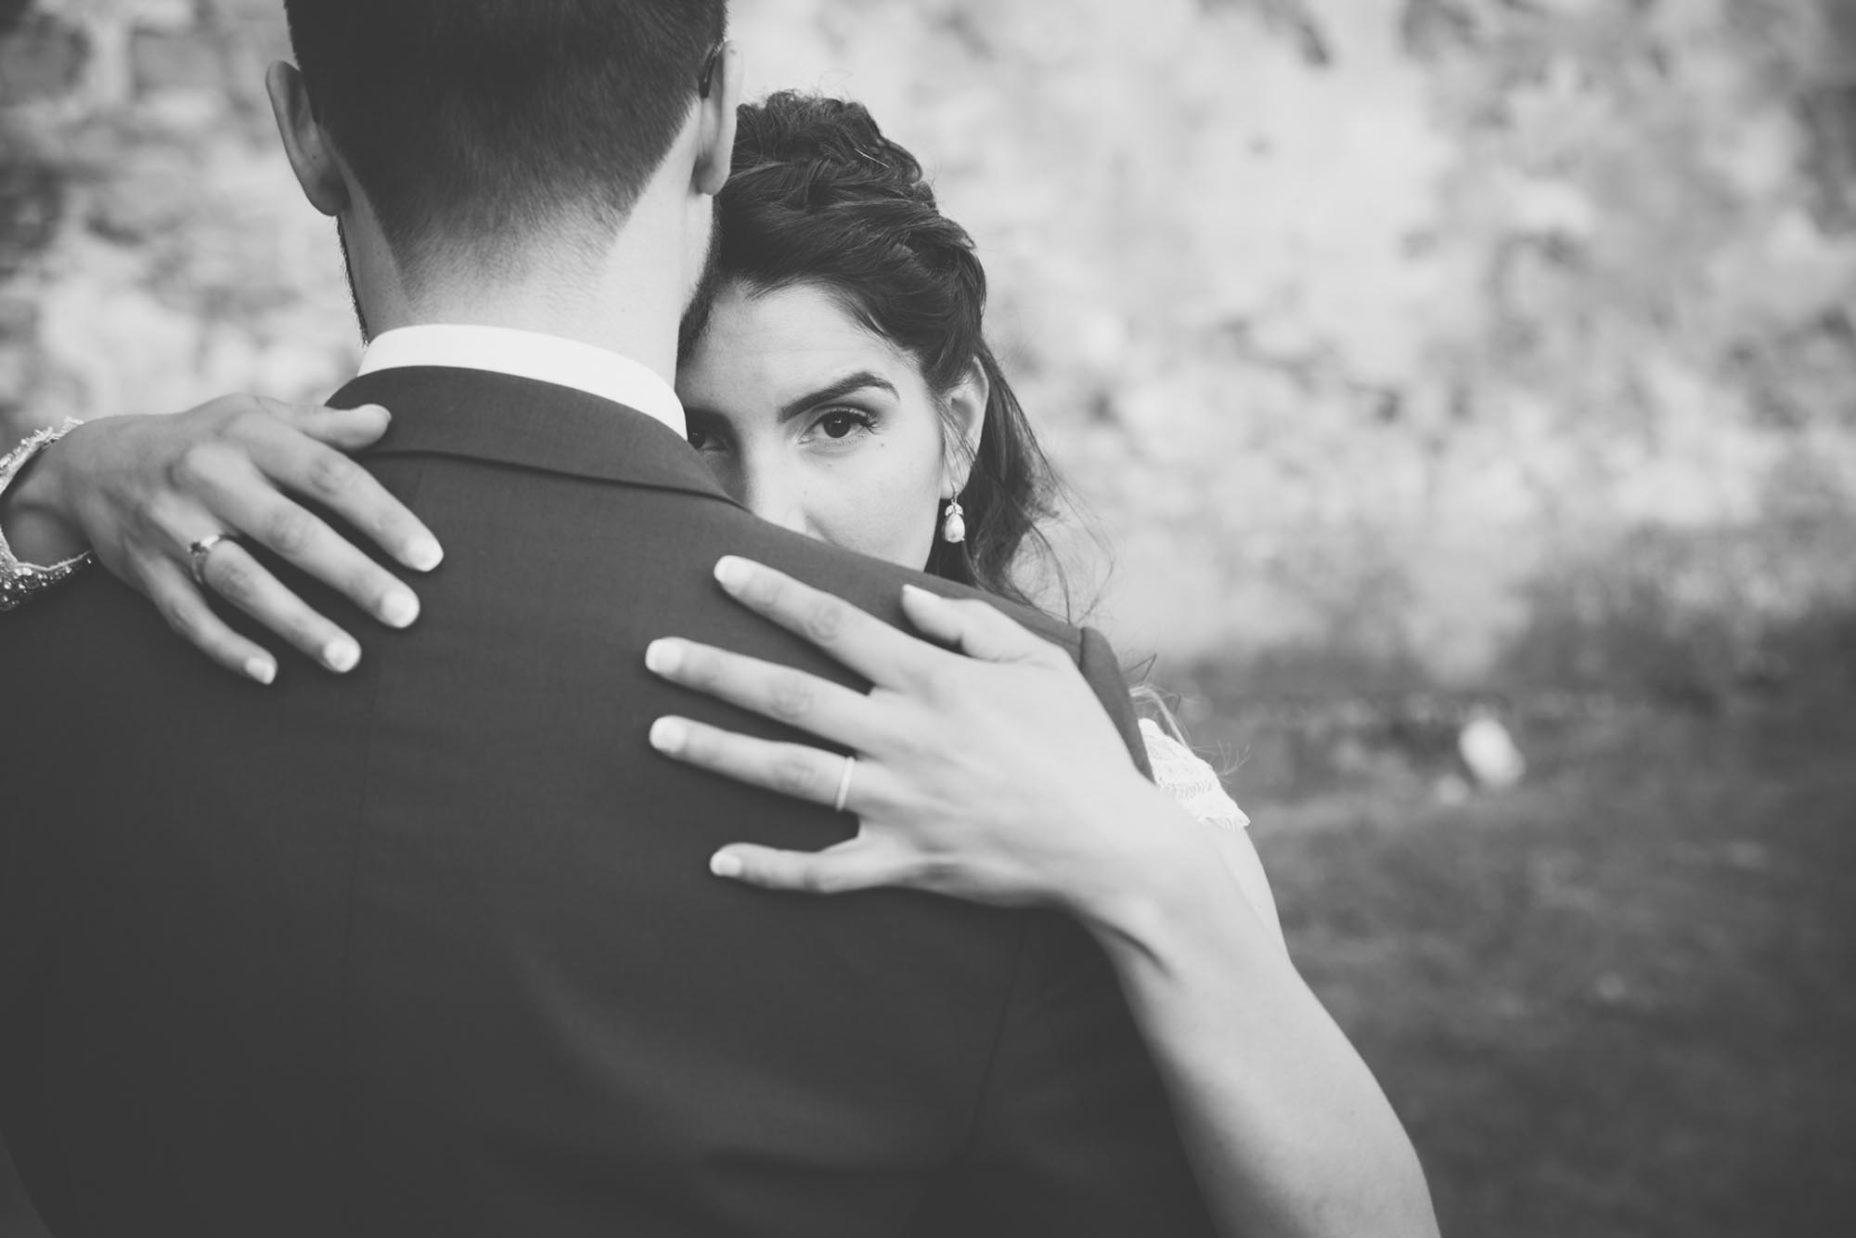 photographe mariage maldeme domicile paris